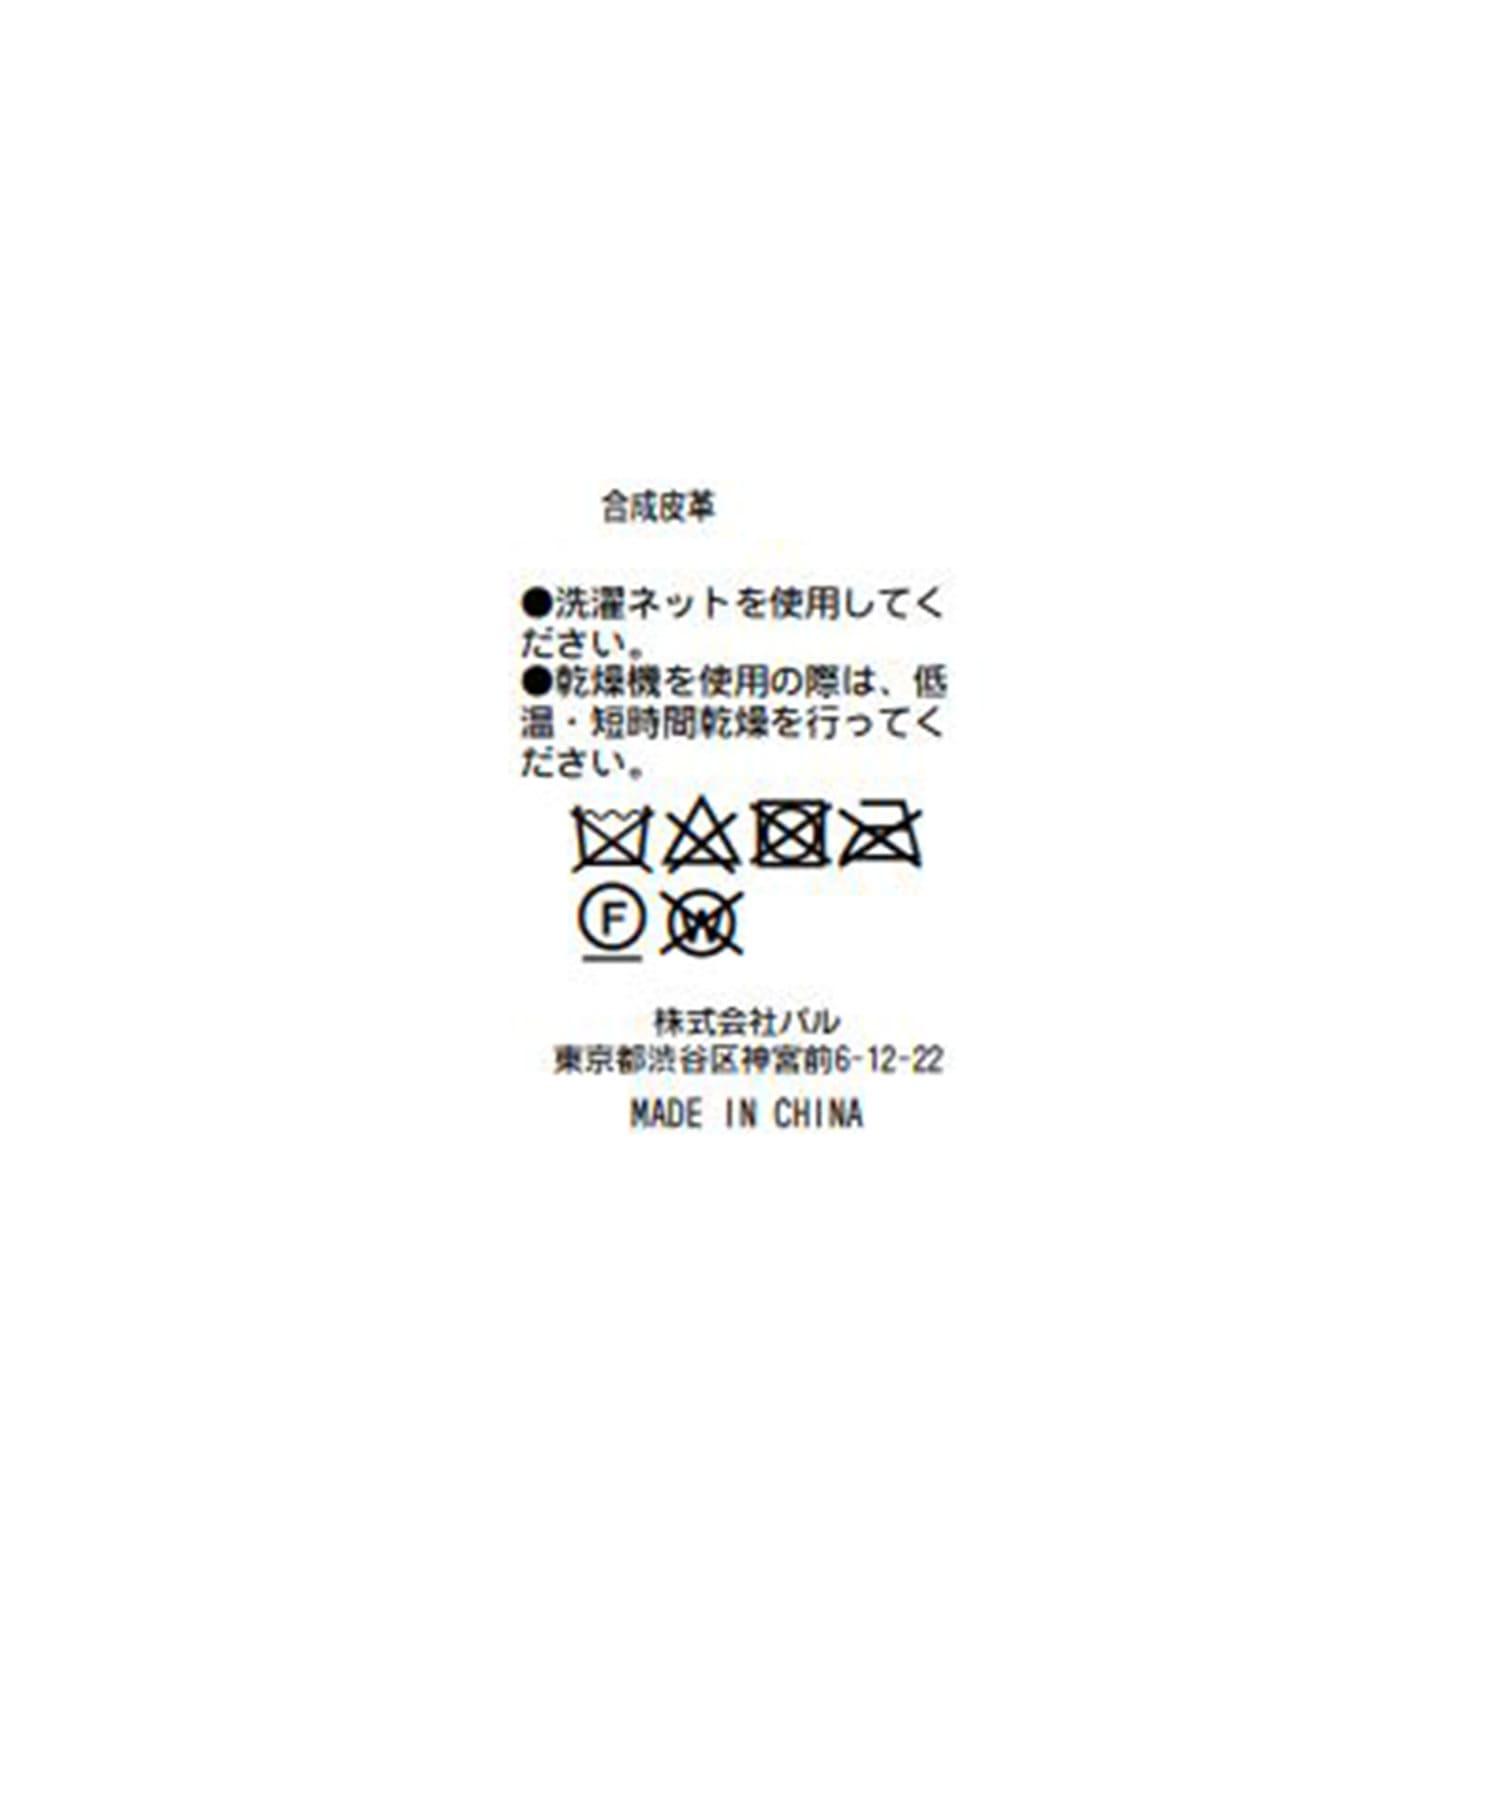 RIVE DROITE(リヴドロワ) 【テイストレスで合わせられる】エコレザースカート